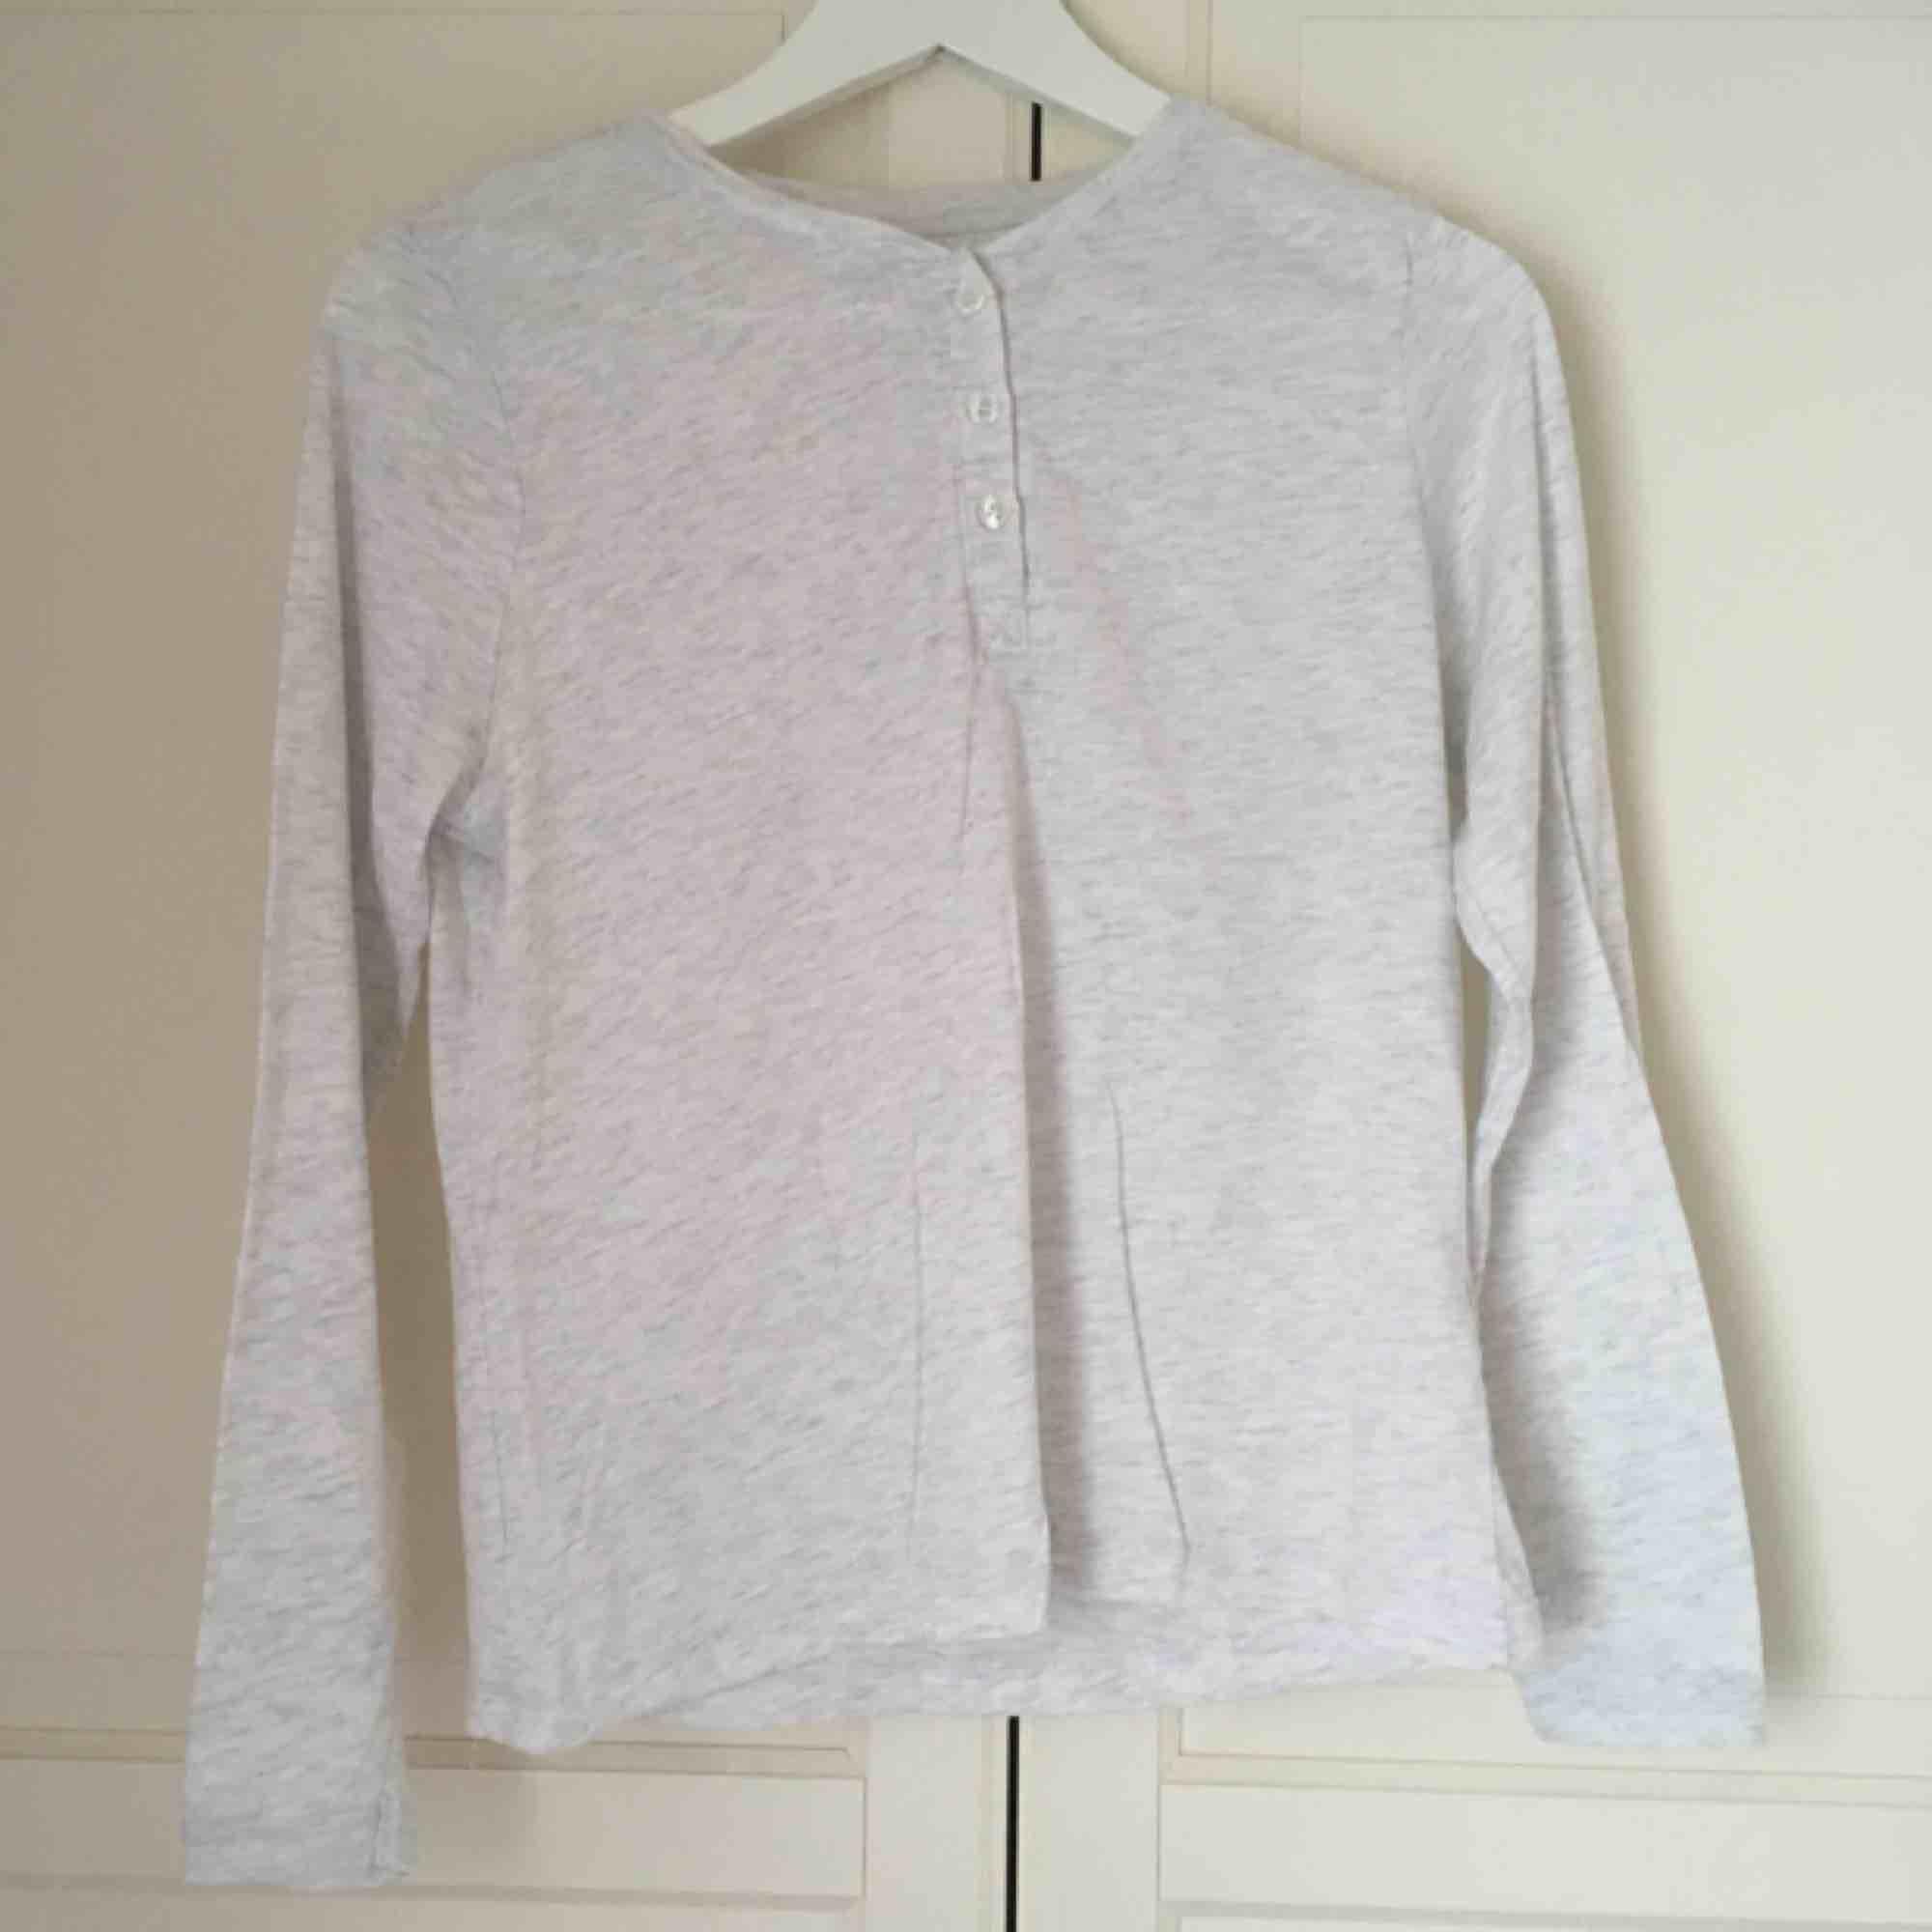 """Mysig pyjamaströja i """"gubb-modell"""" från Cubus. Ljusgrå och ganska genomskinlig, med knappar på framsidan. Aldrig använd ☁️. Tröjor & Koftor."""